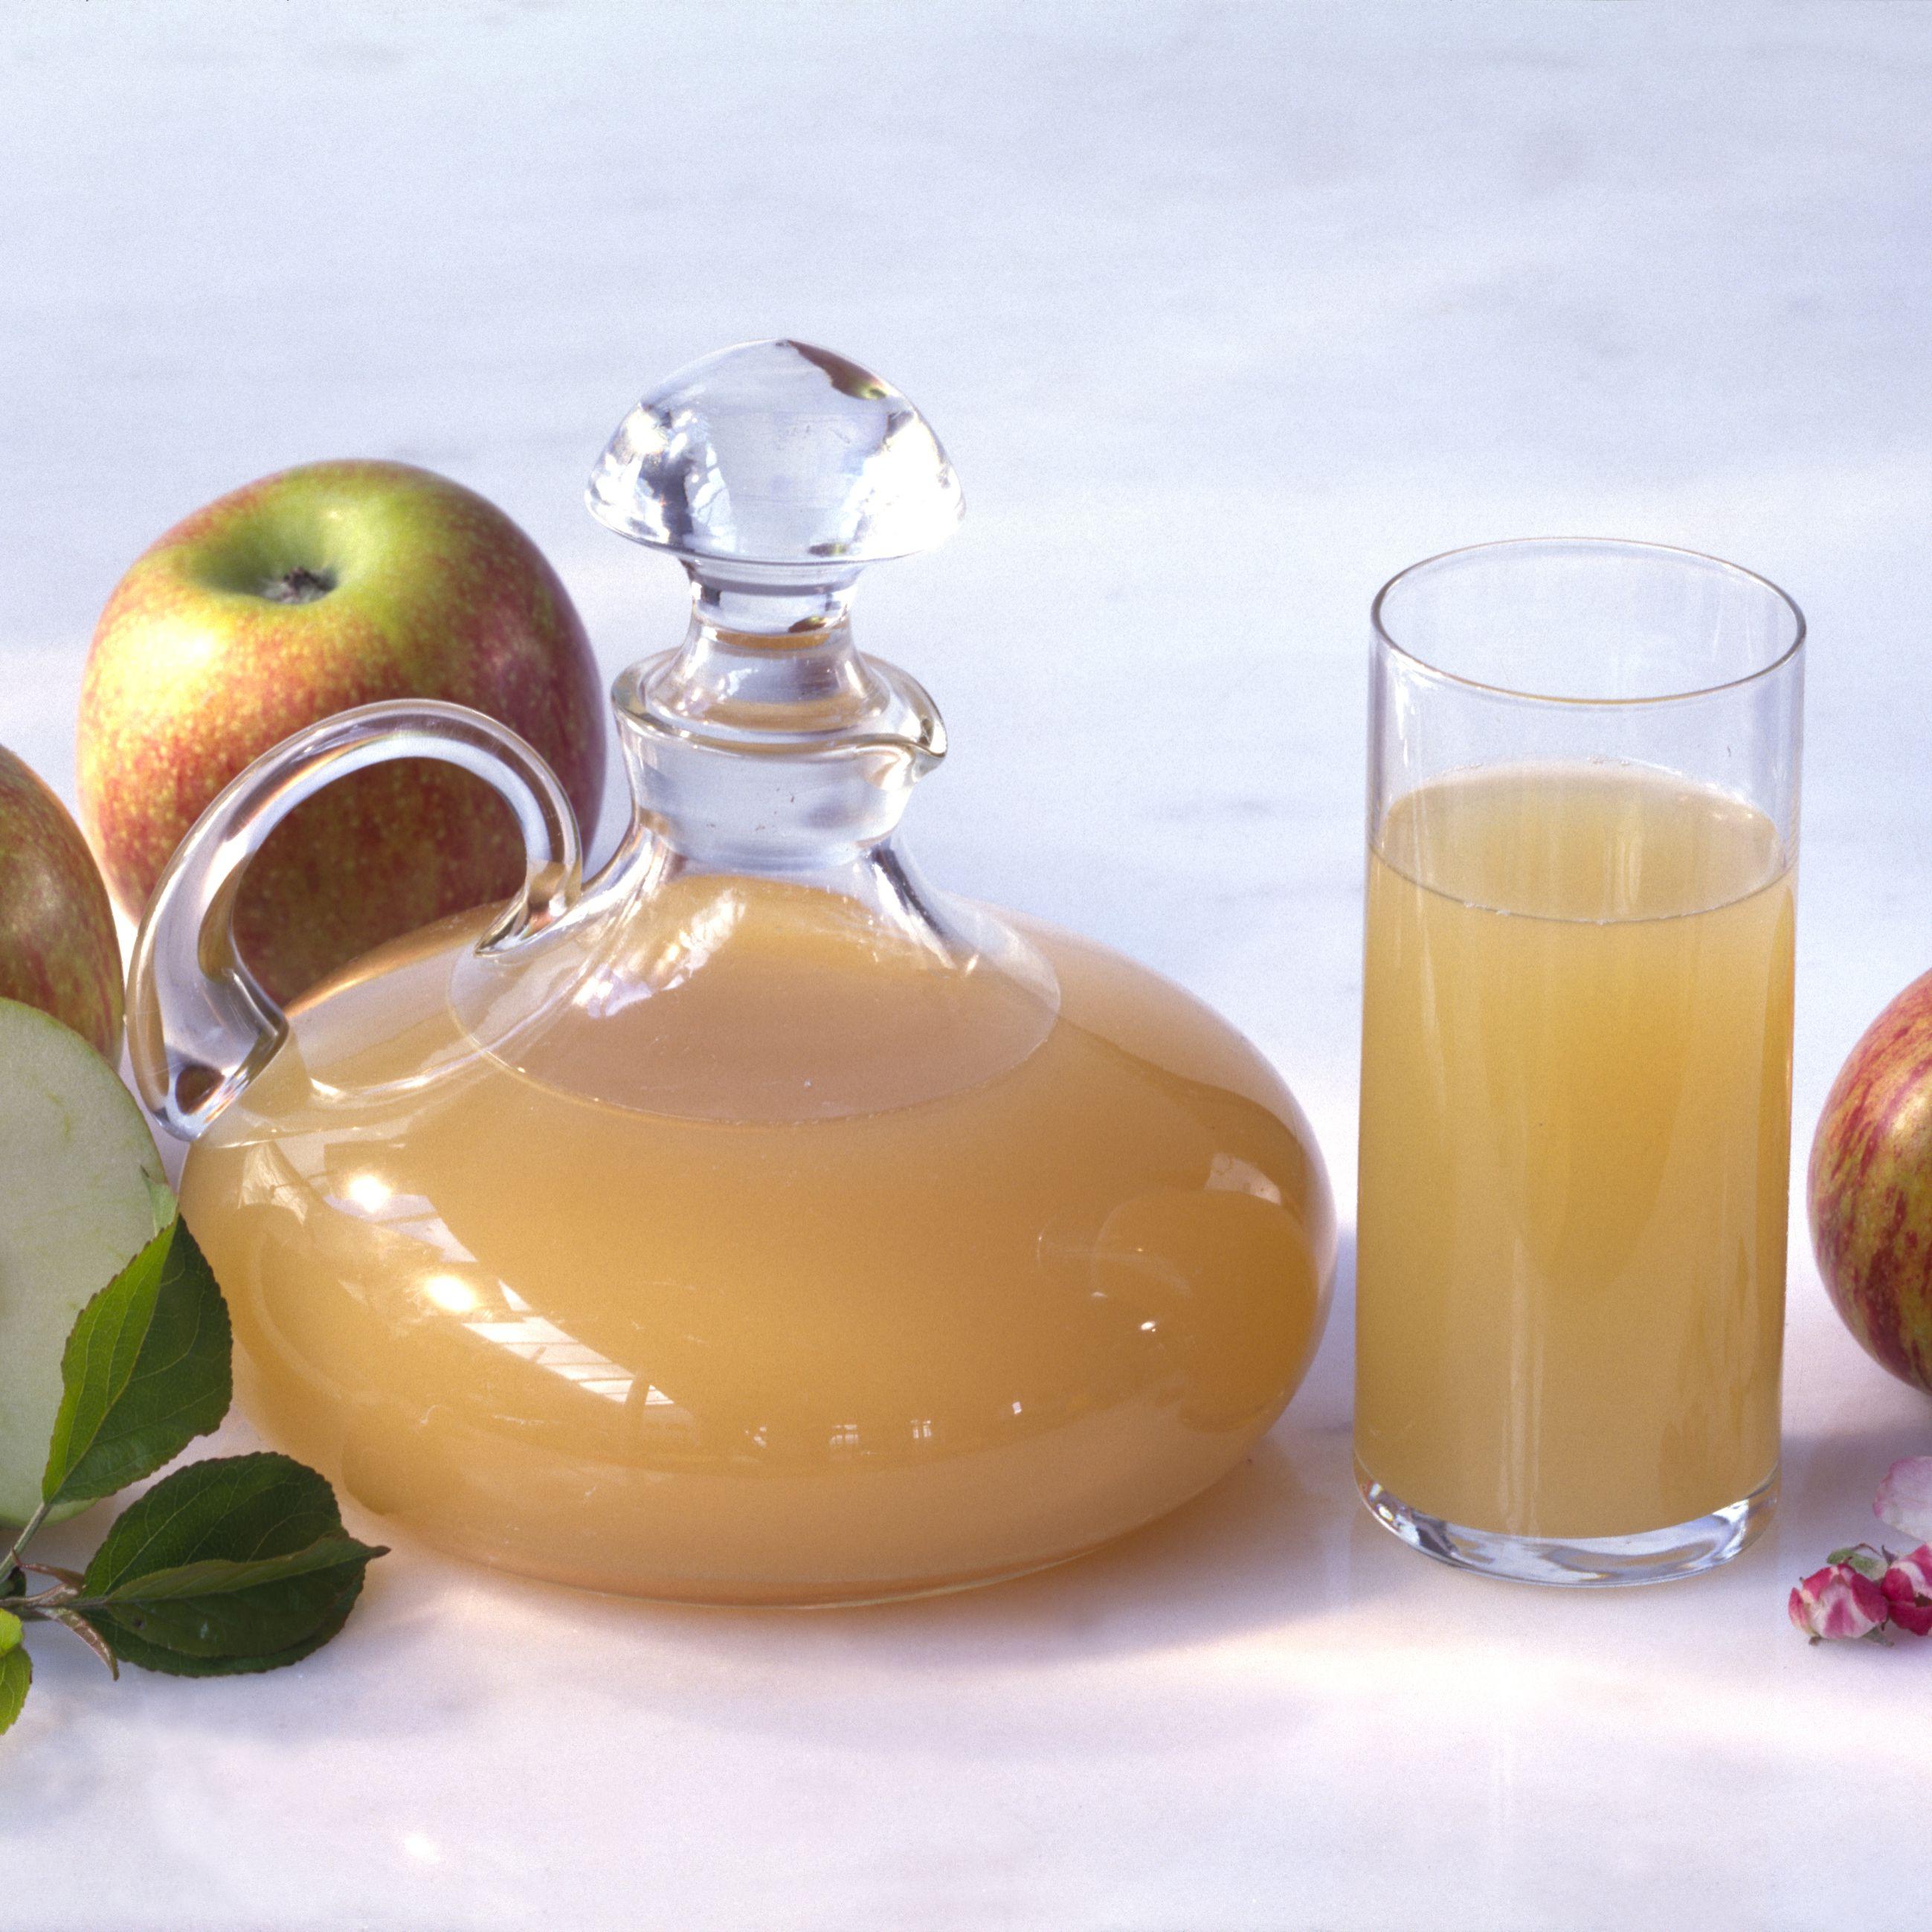 vinagre de manzana para eliminar piojos y liendres